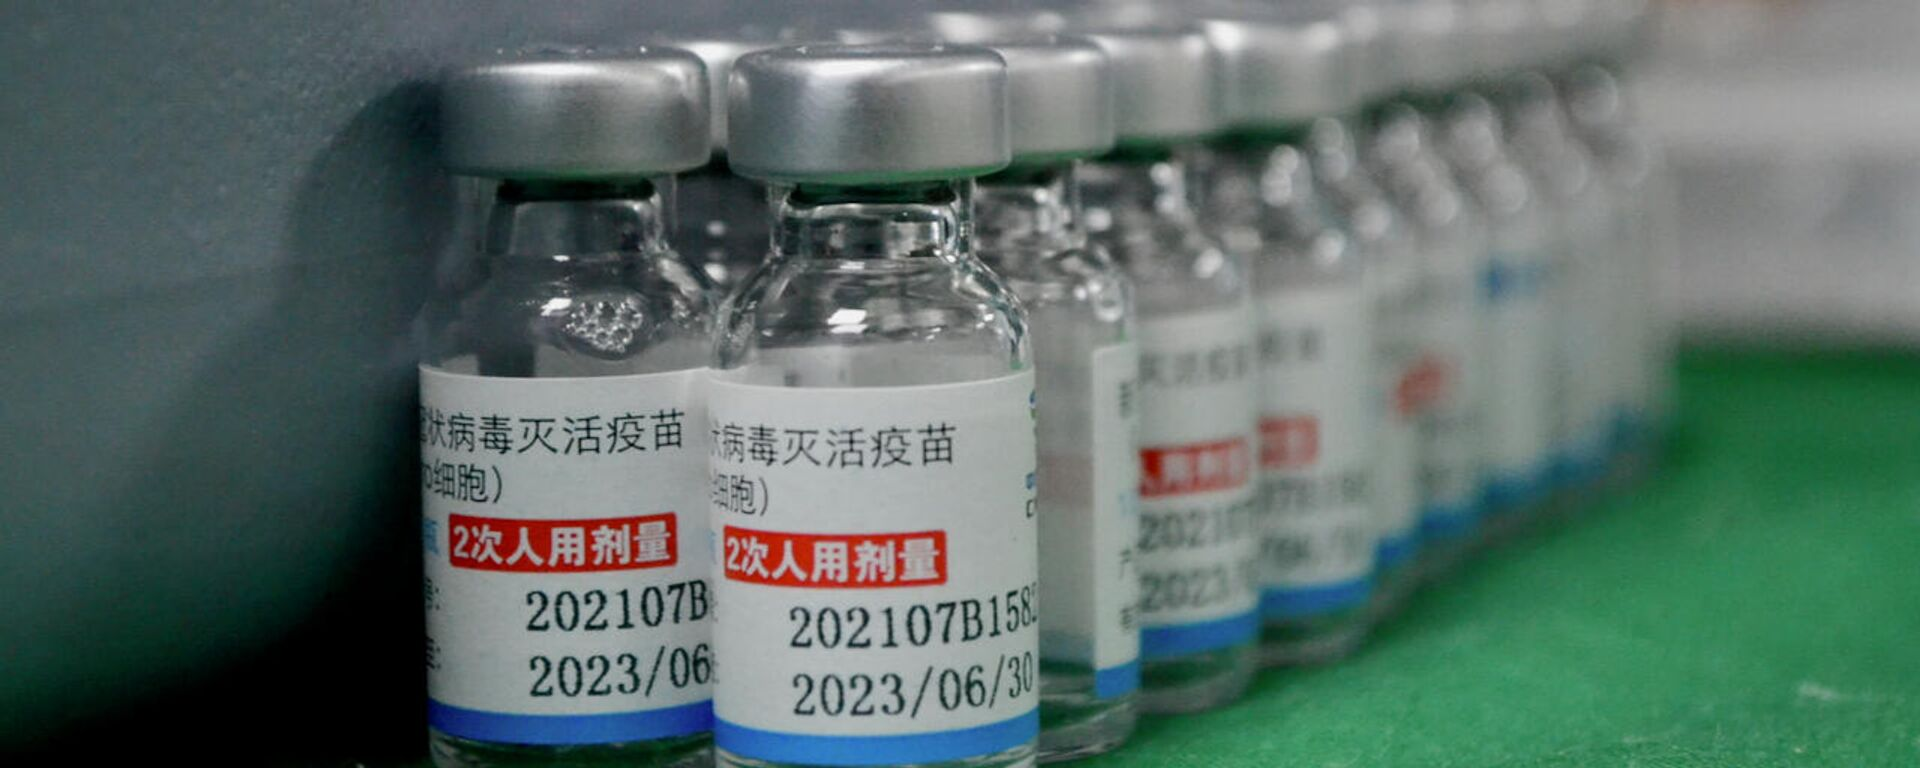 Gobierno venezolano denuncia retraso en el envío de vacunas canceladas a través del mecanismo Covax - Sputnik Mundo, 1920, 29.09.2021